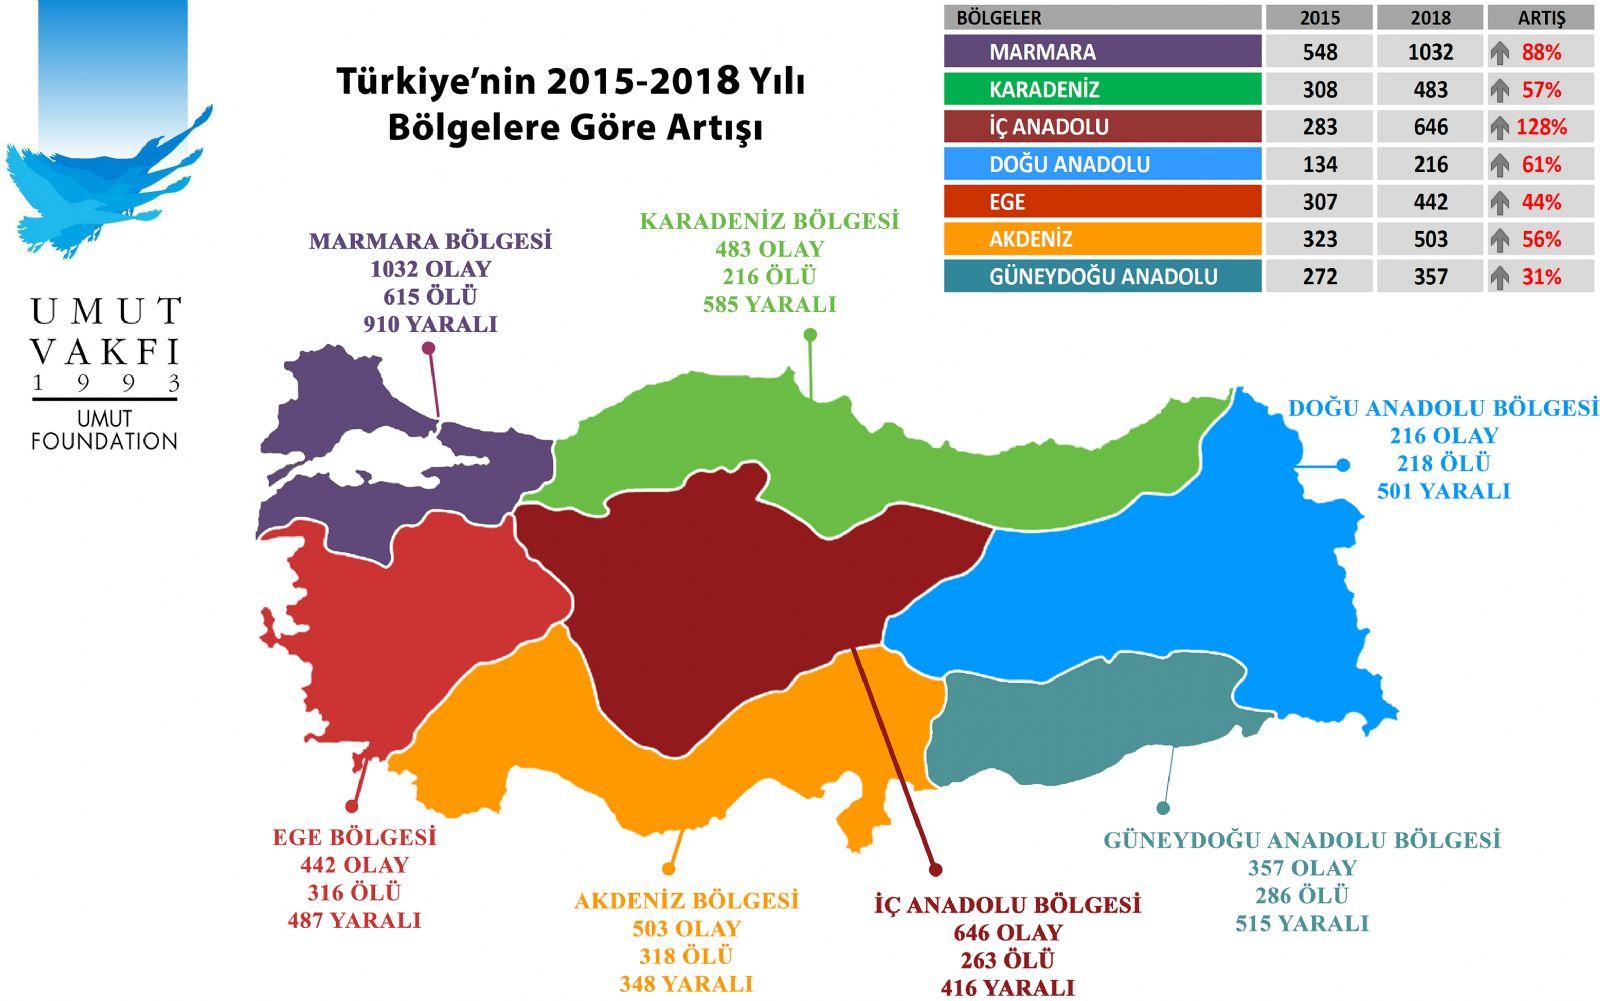 TURKIYE SILAHLI SIDDET HARITASI-2018-K.png